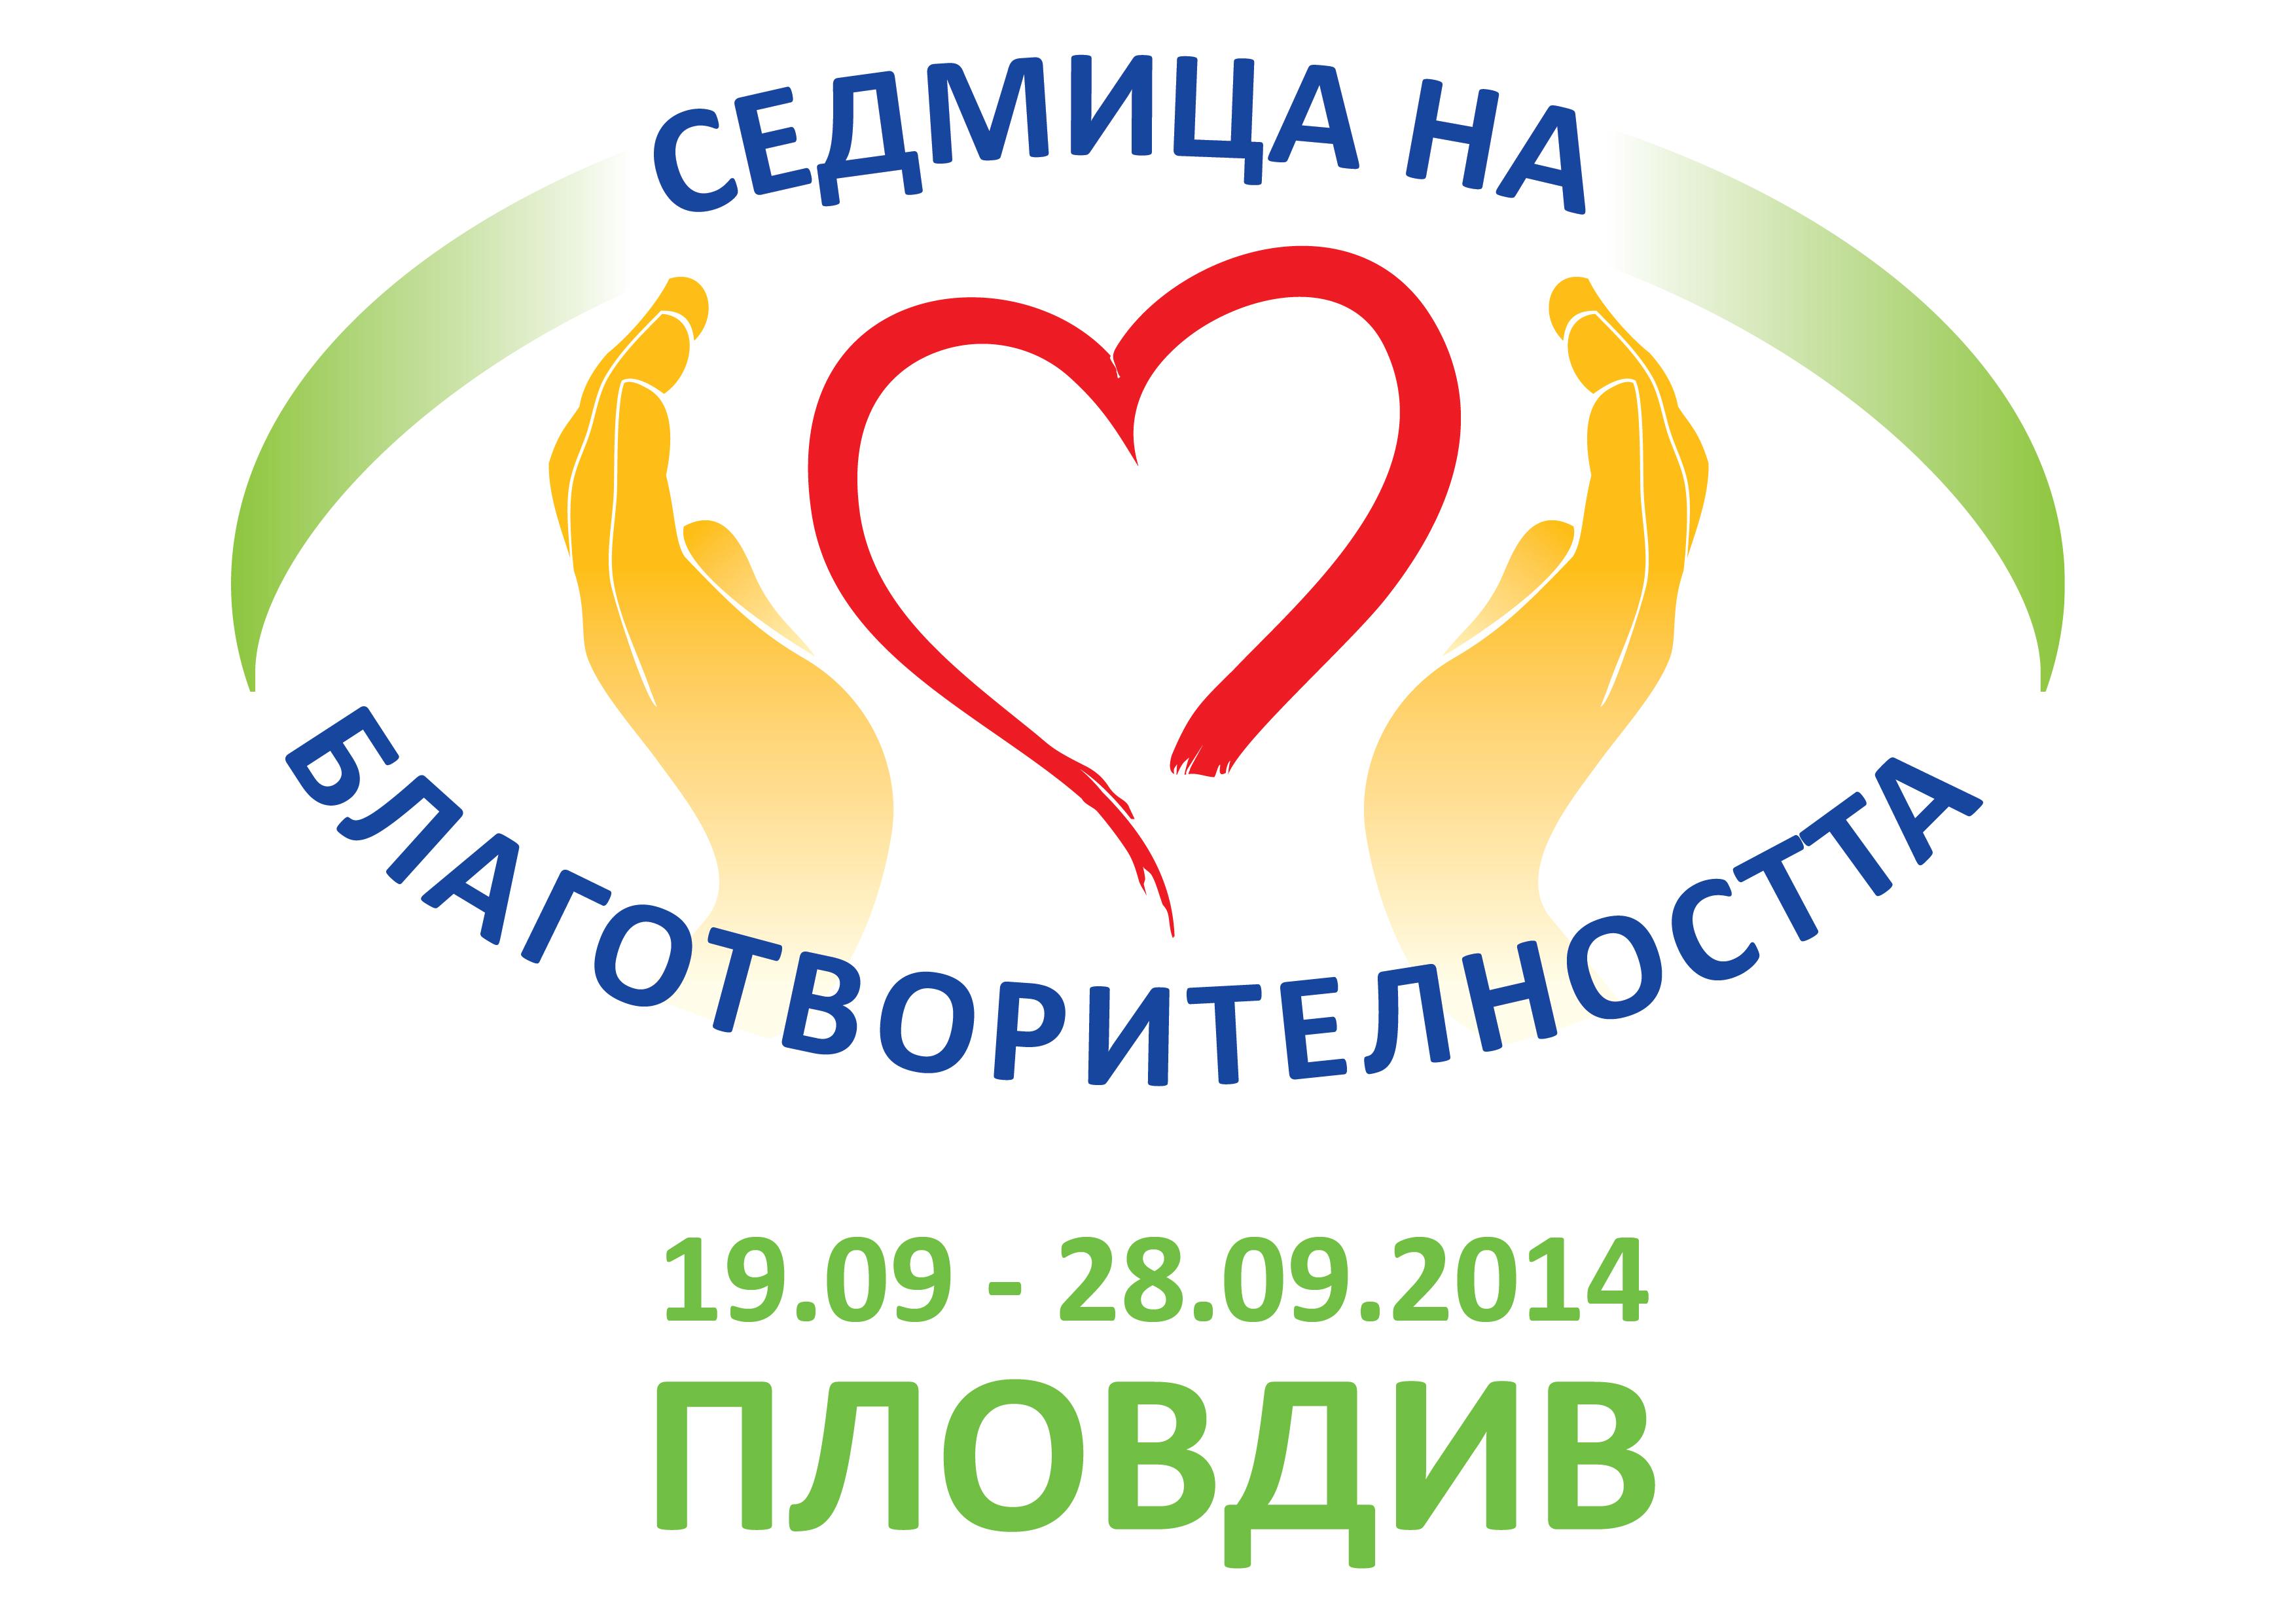 blagotvoritelnost_logo-01